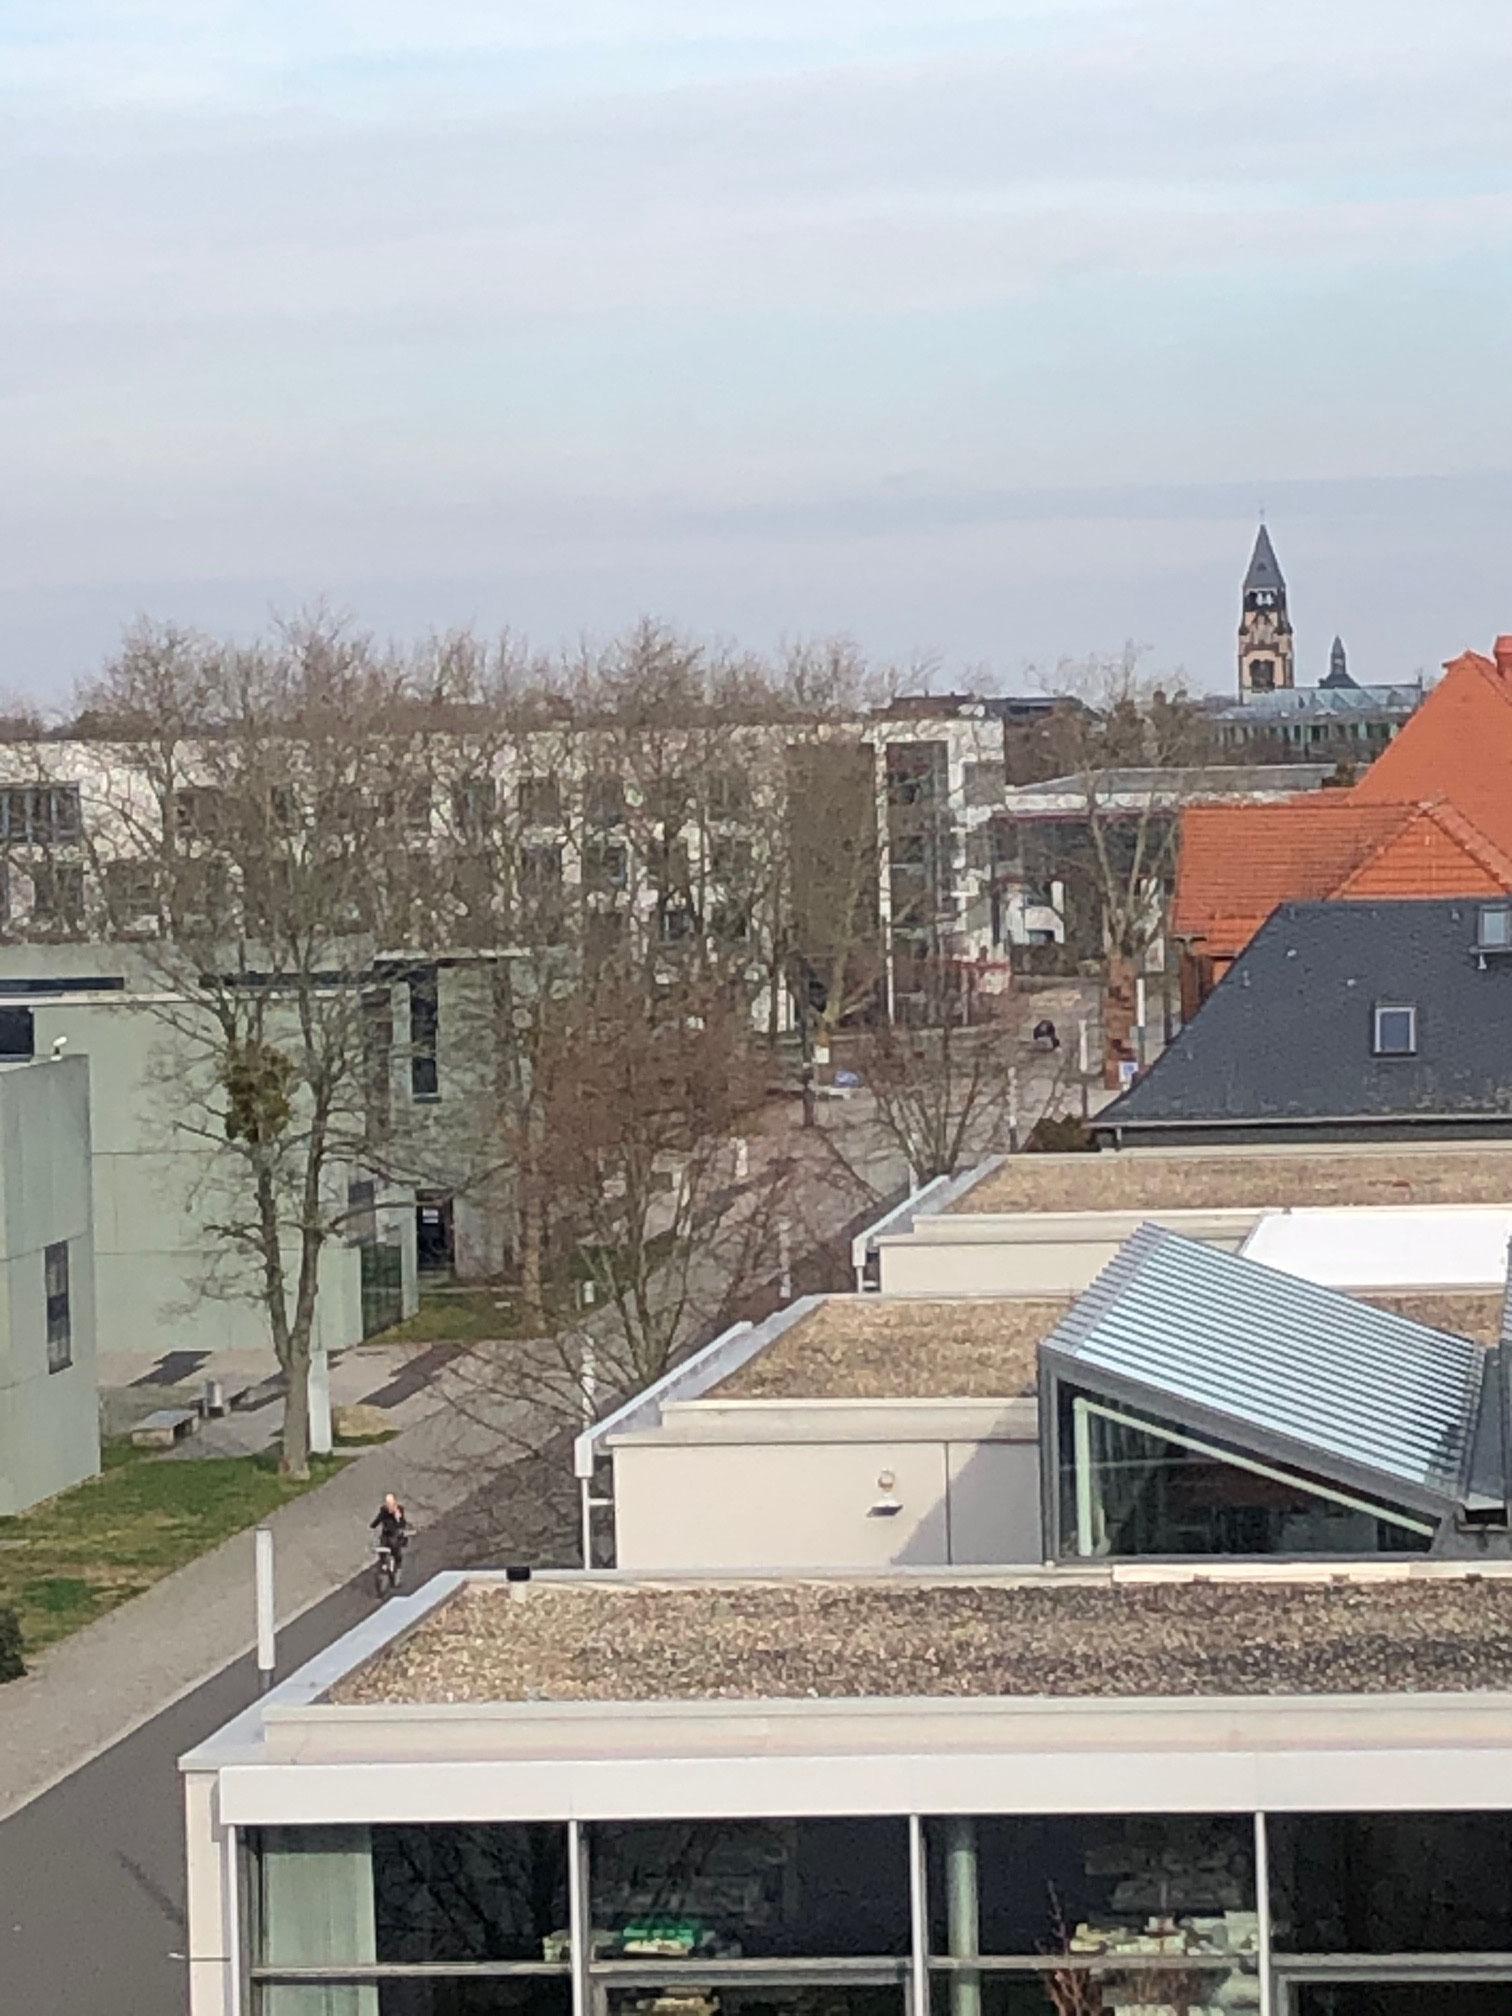 Hochschule Dessau Gelände